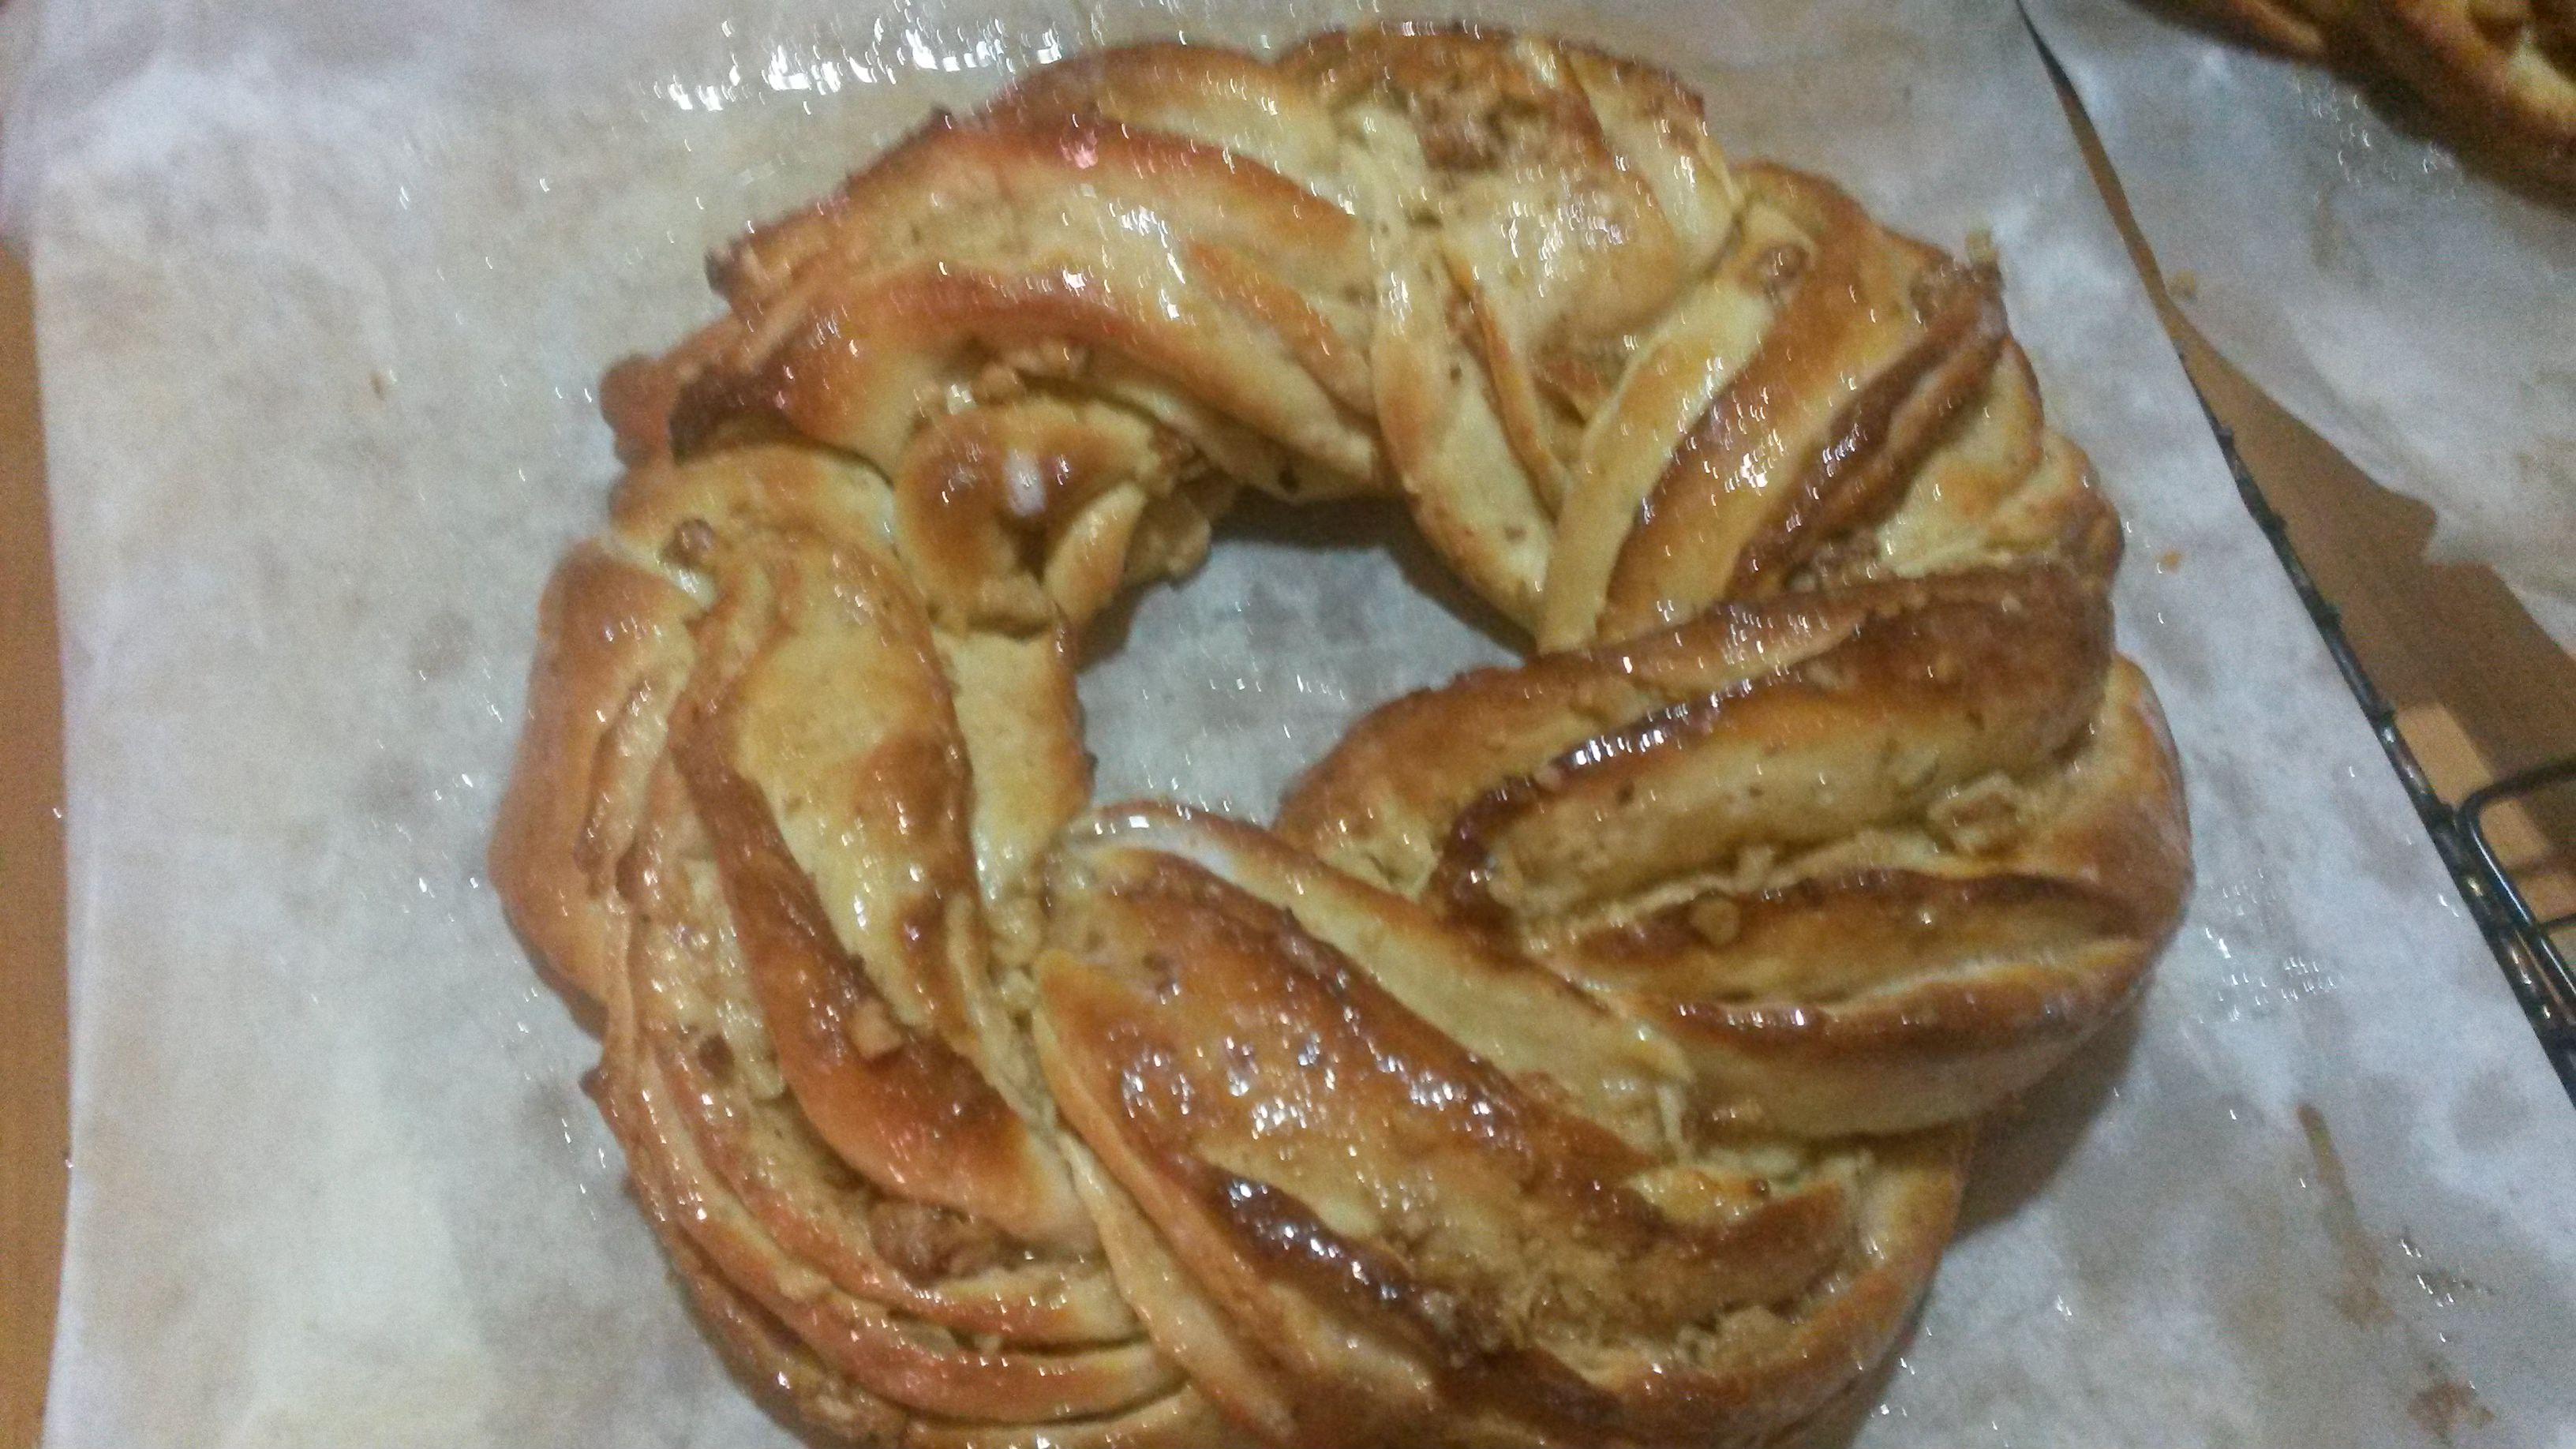 Kringle Estonia, Rosca dulce de canela y nueces delicioso con Thermomix®